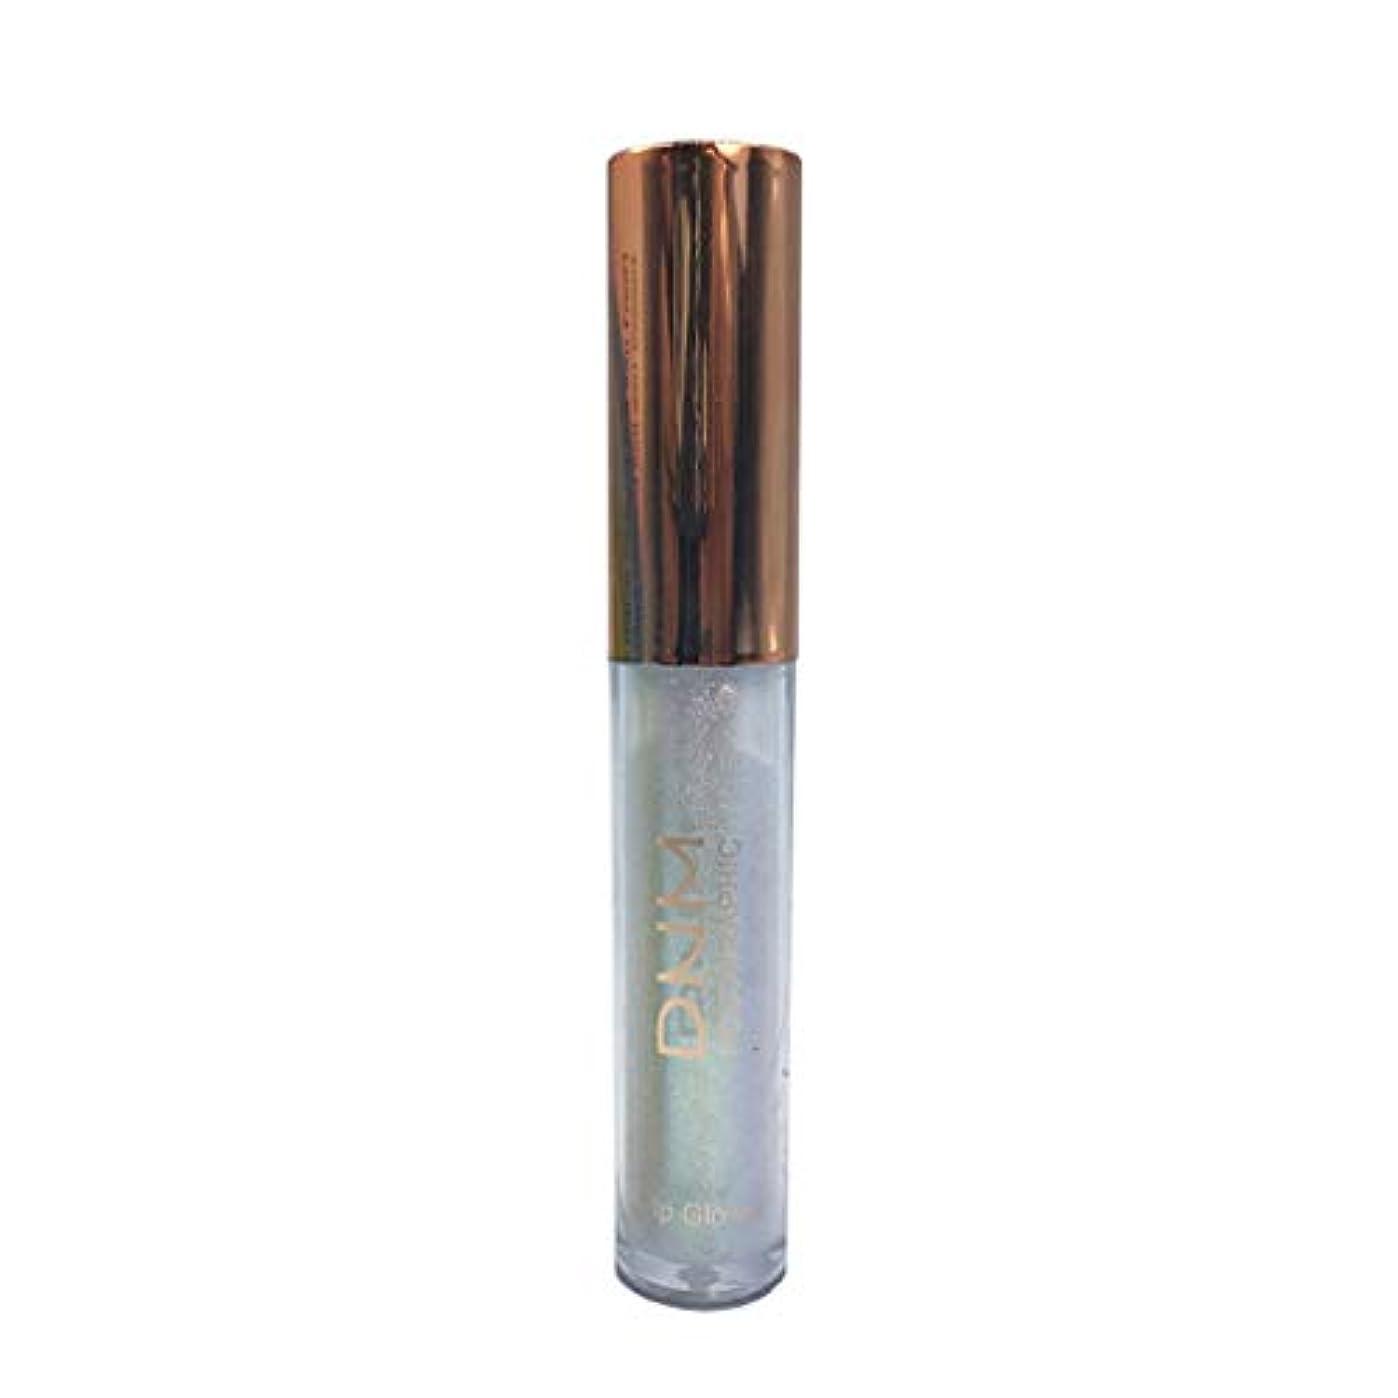 少数葡萄真剣にリップクリーム 液体 キラキラ ピンク 紫系 軽い 口紅 唇 リップバーム 光沢 分極 防水 長続き リップラインの色を鮮やかに描くルージュhuajuan (A)